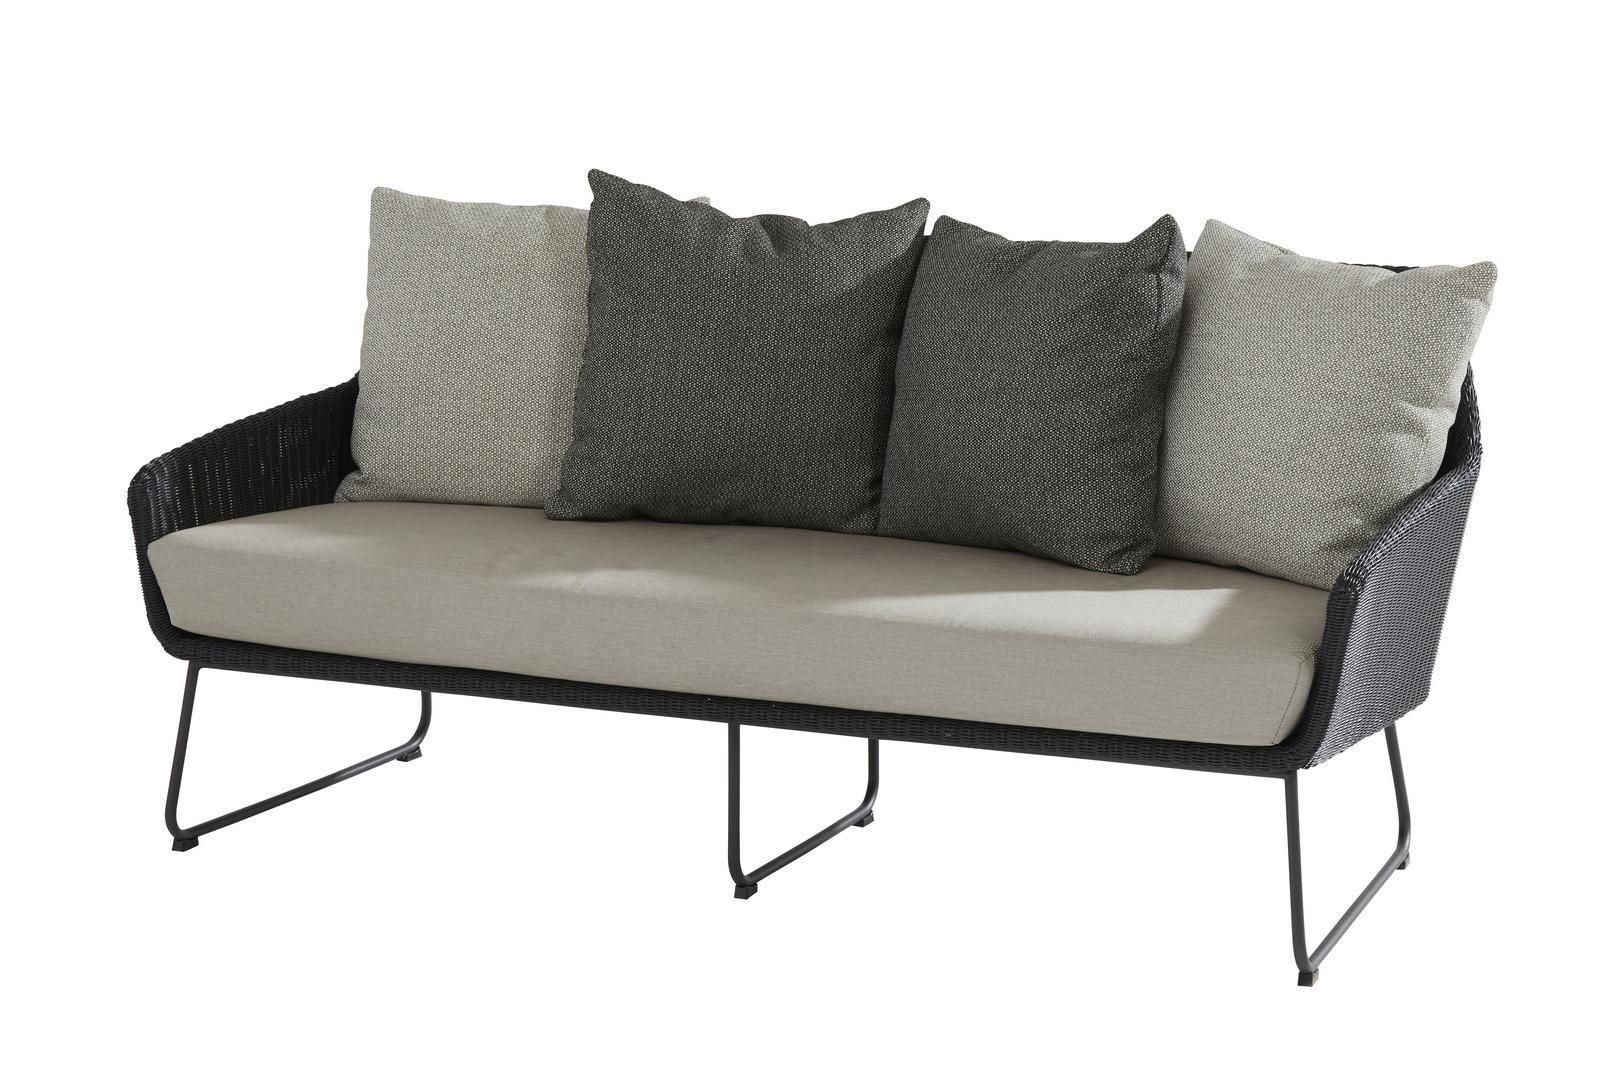 4 Seasons Outdoor ® Avila Living Bench   De Tropen   De Tropen